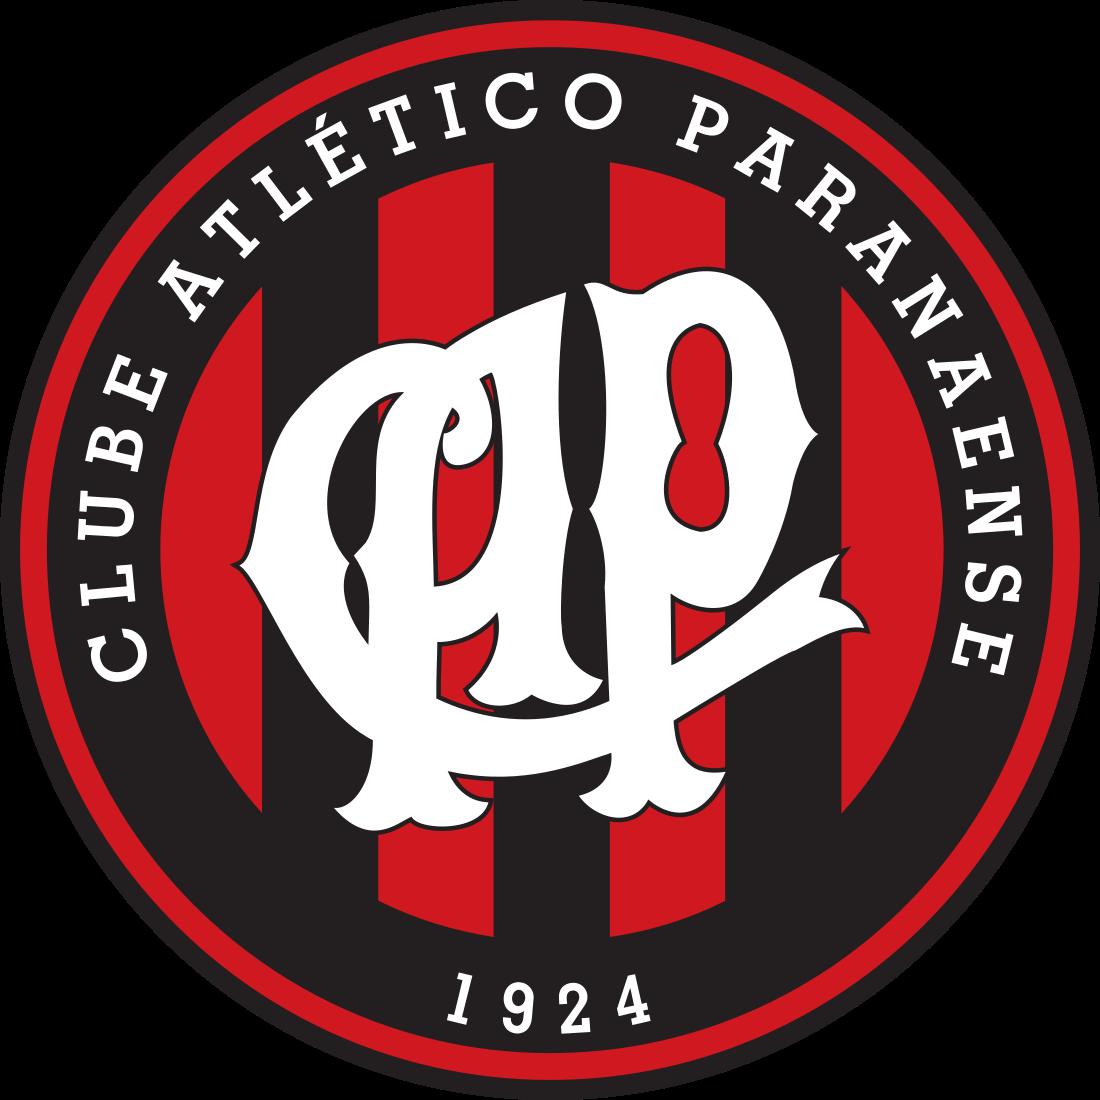 atletico-paranaense-logo-escudo-3